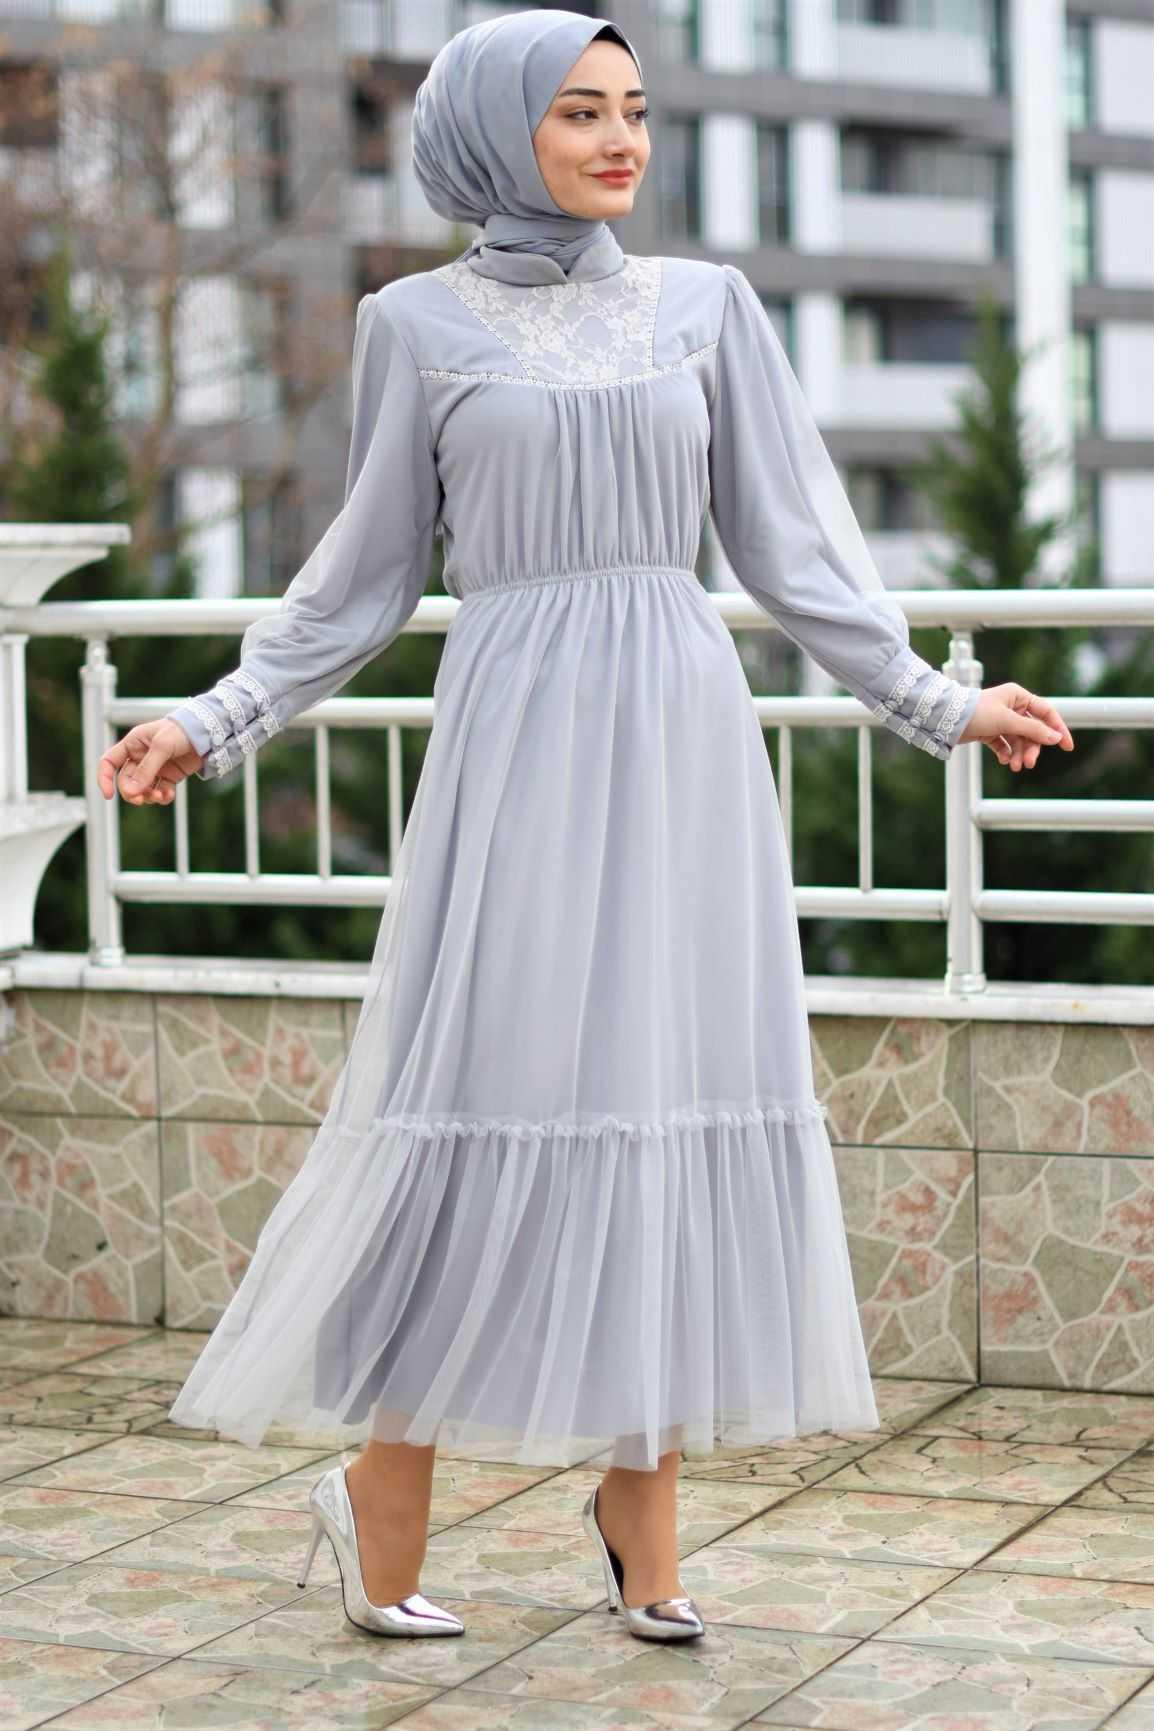 Modam Afra Tesettür Büzgülü Şık Abiye Elbise Modelleri